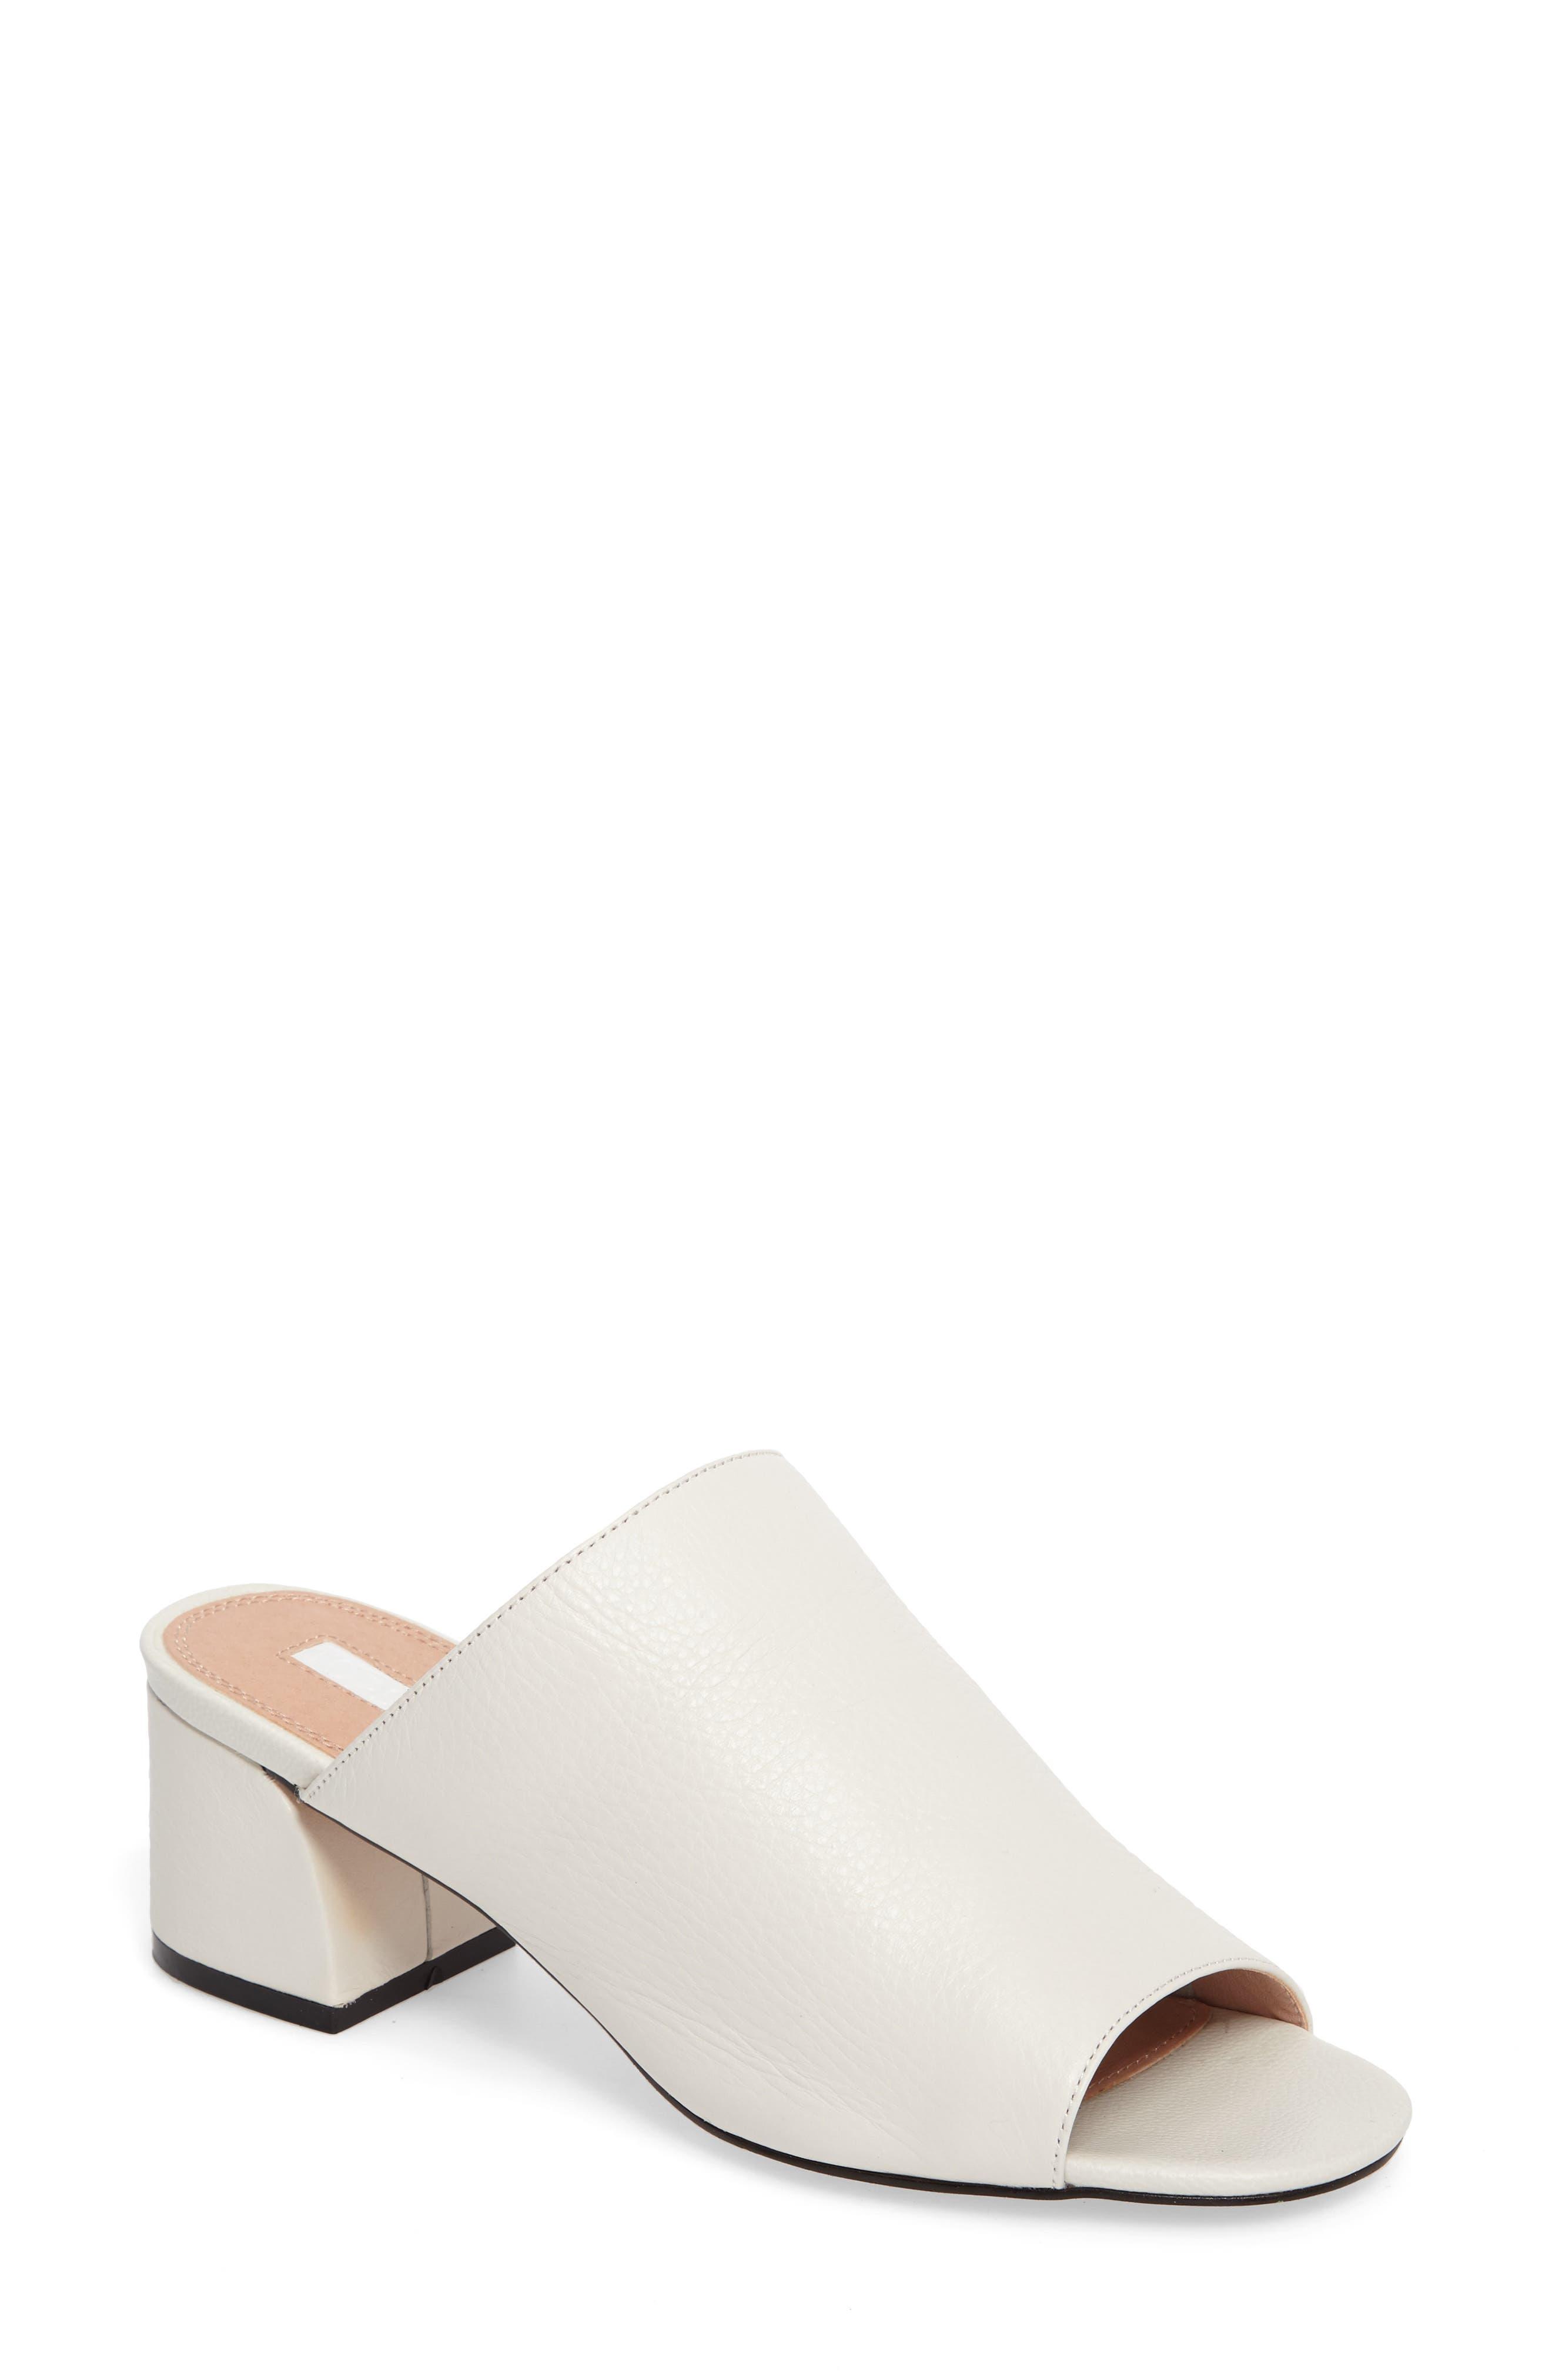 TOPSHOP Notorious Metallic Slide Sandal